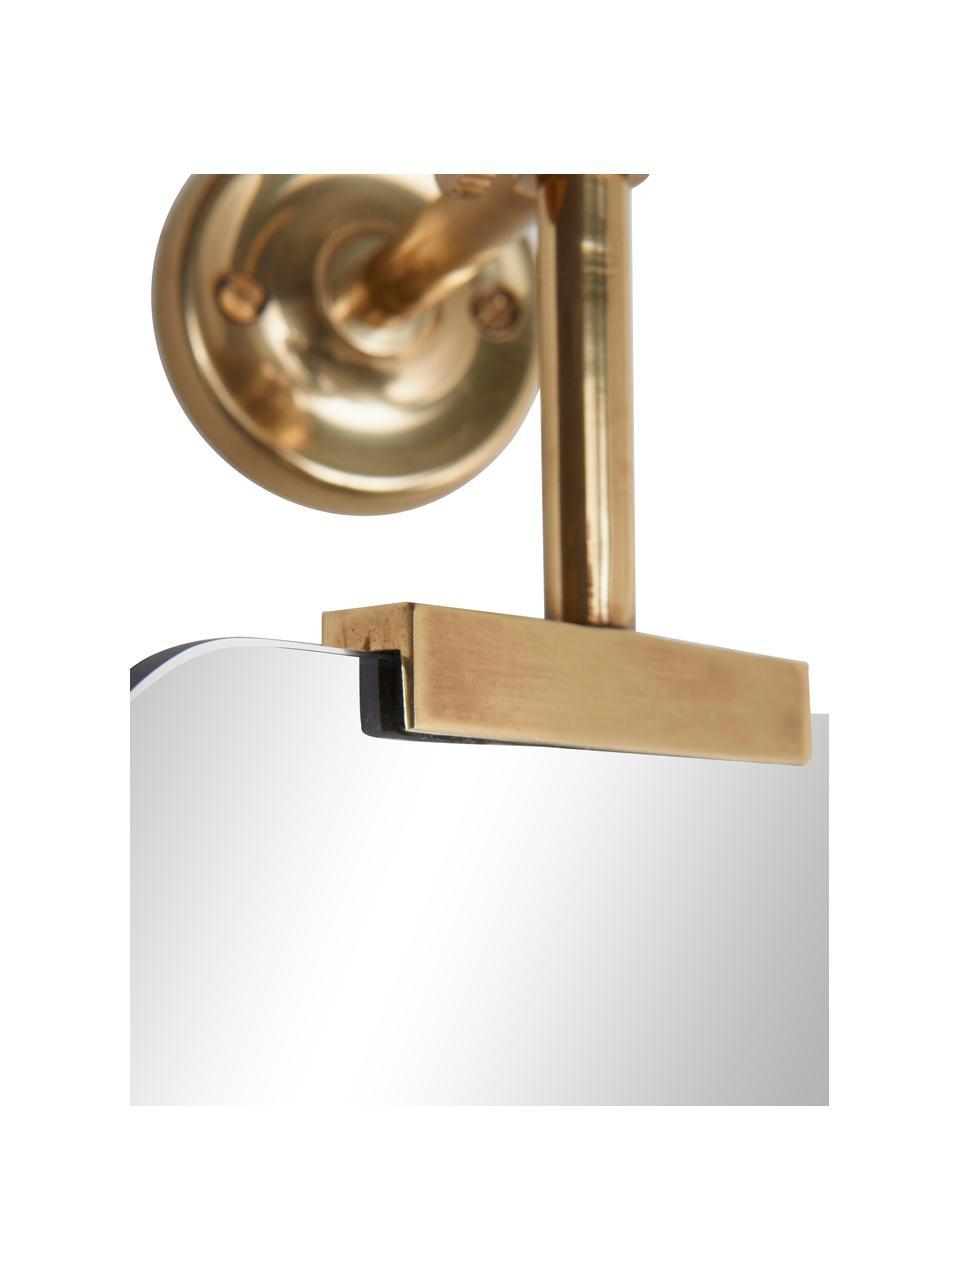 Specchio da parete girevole con cornice dorata Uma, Superficie dello specchio: lastra di vetro, Dorato, Larg. 10 x Alt. 30 cm